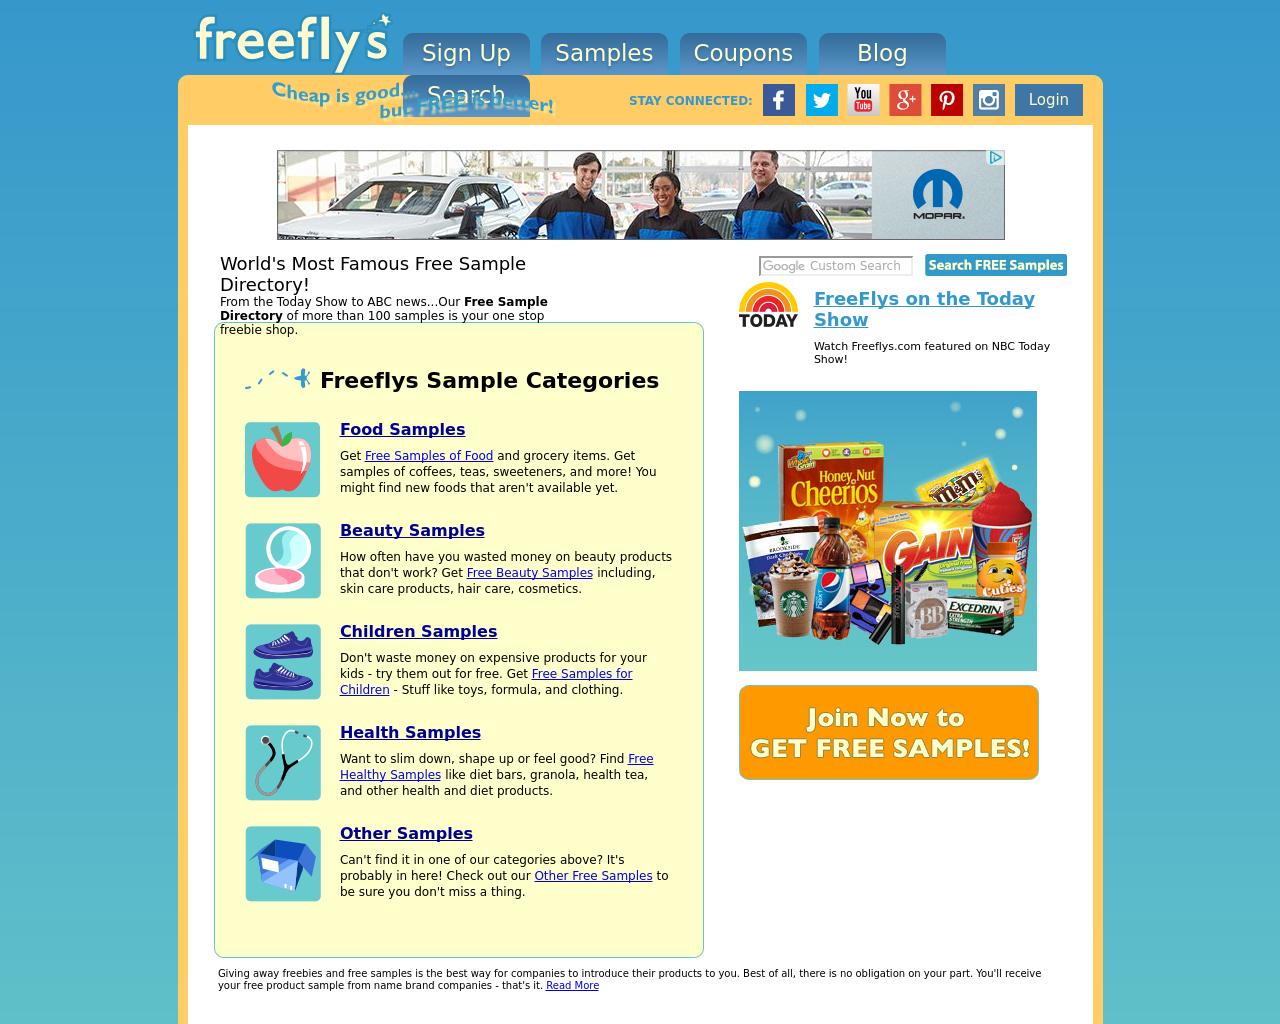 freeflys-Advertising-Reviews-Pricing